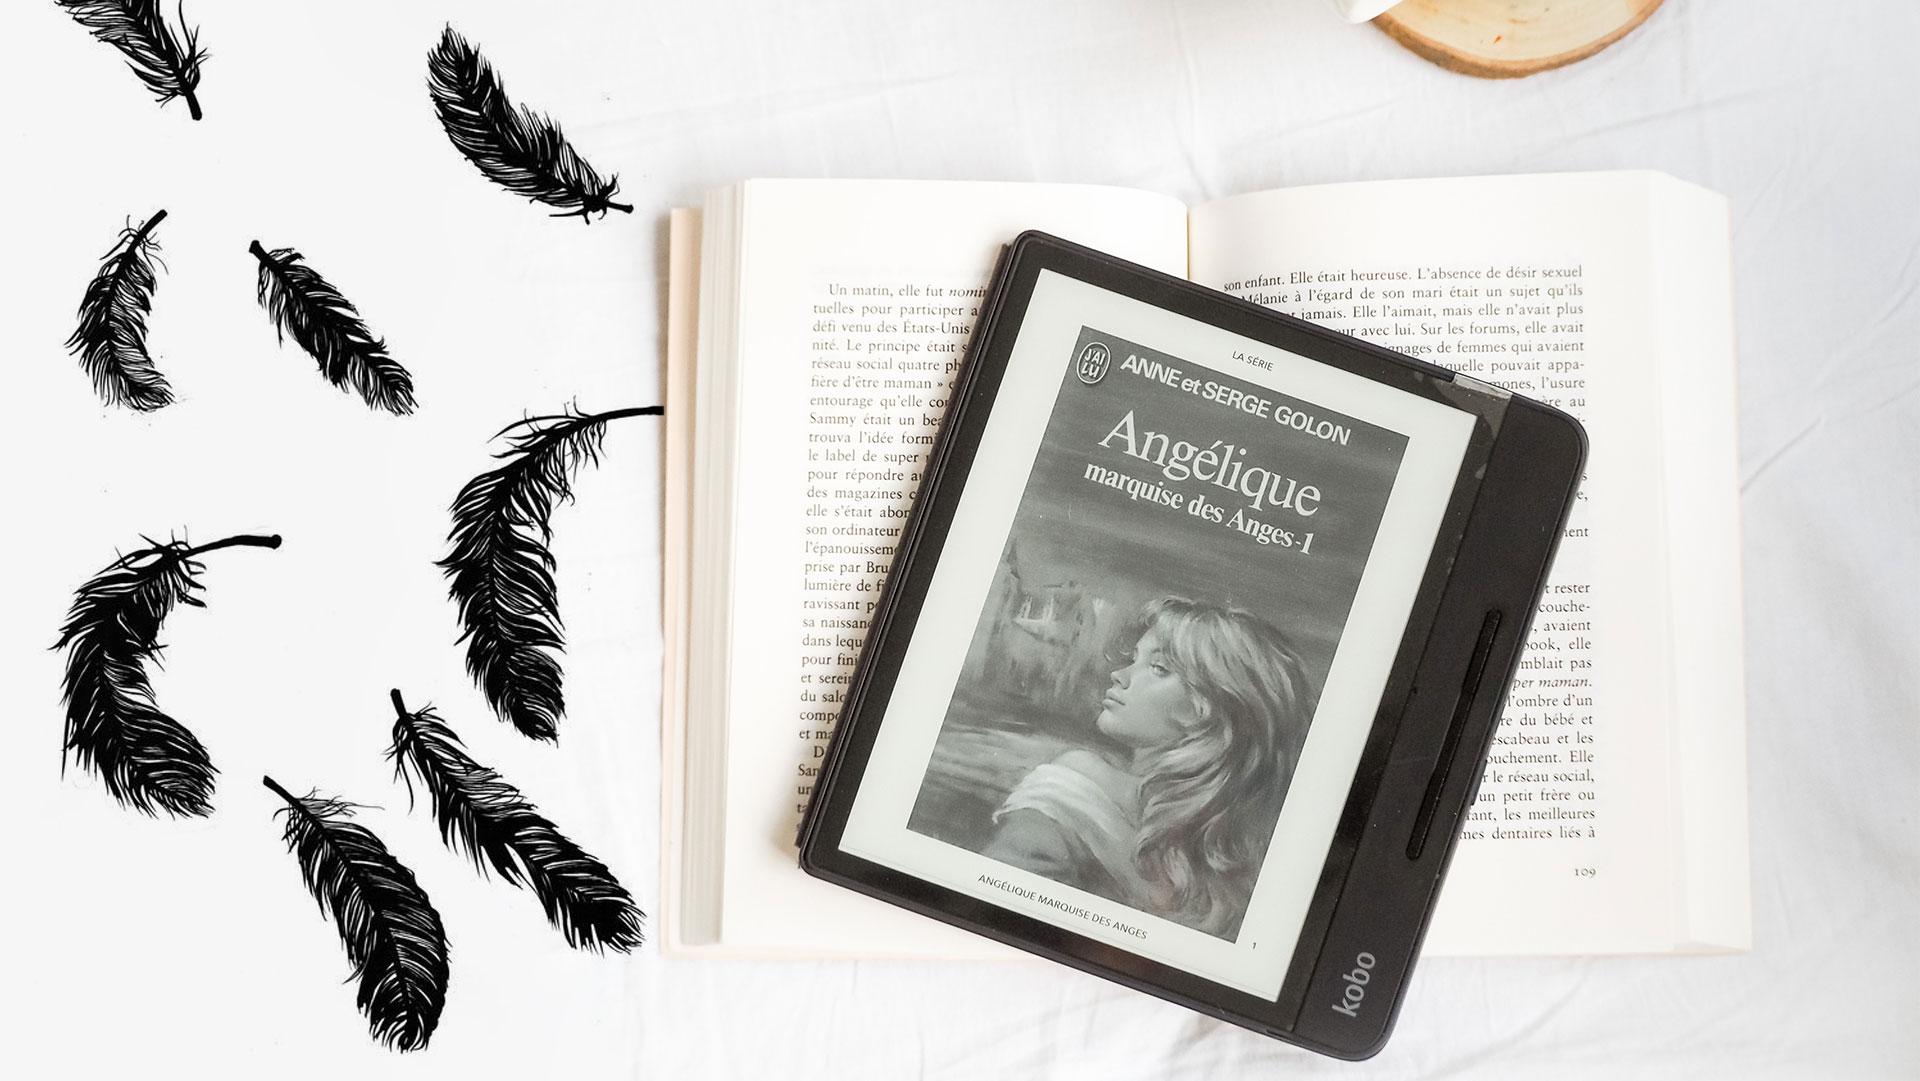 angelique-marquise-des-anges-Anne-Serge-Golon